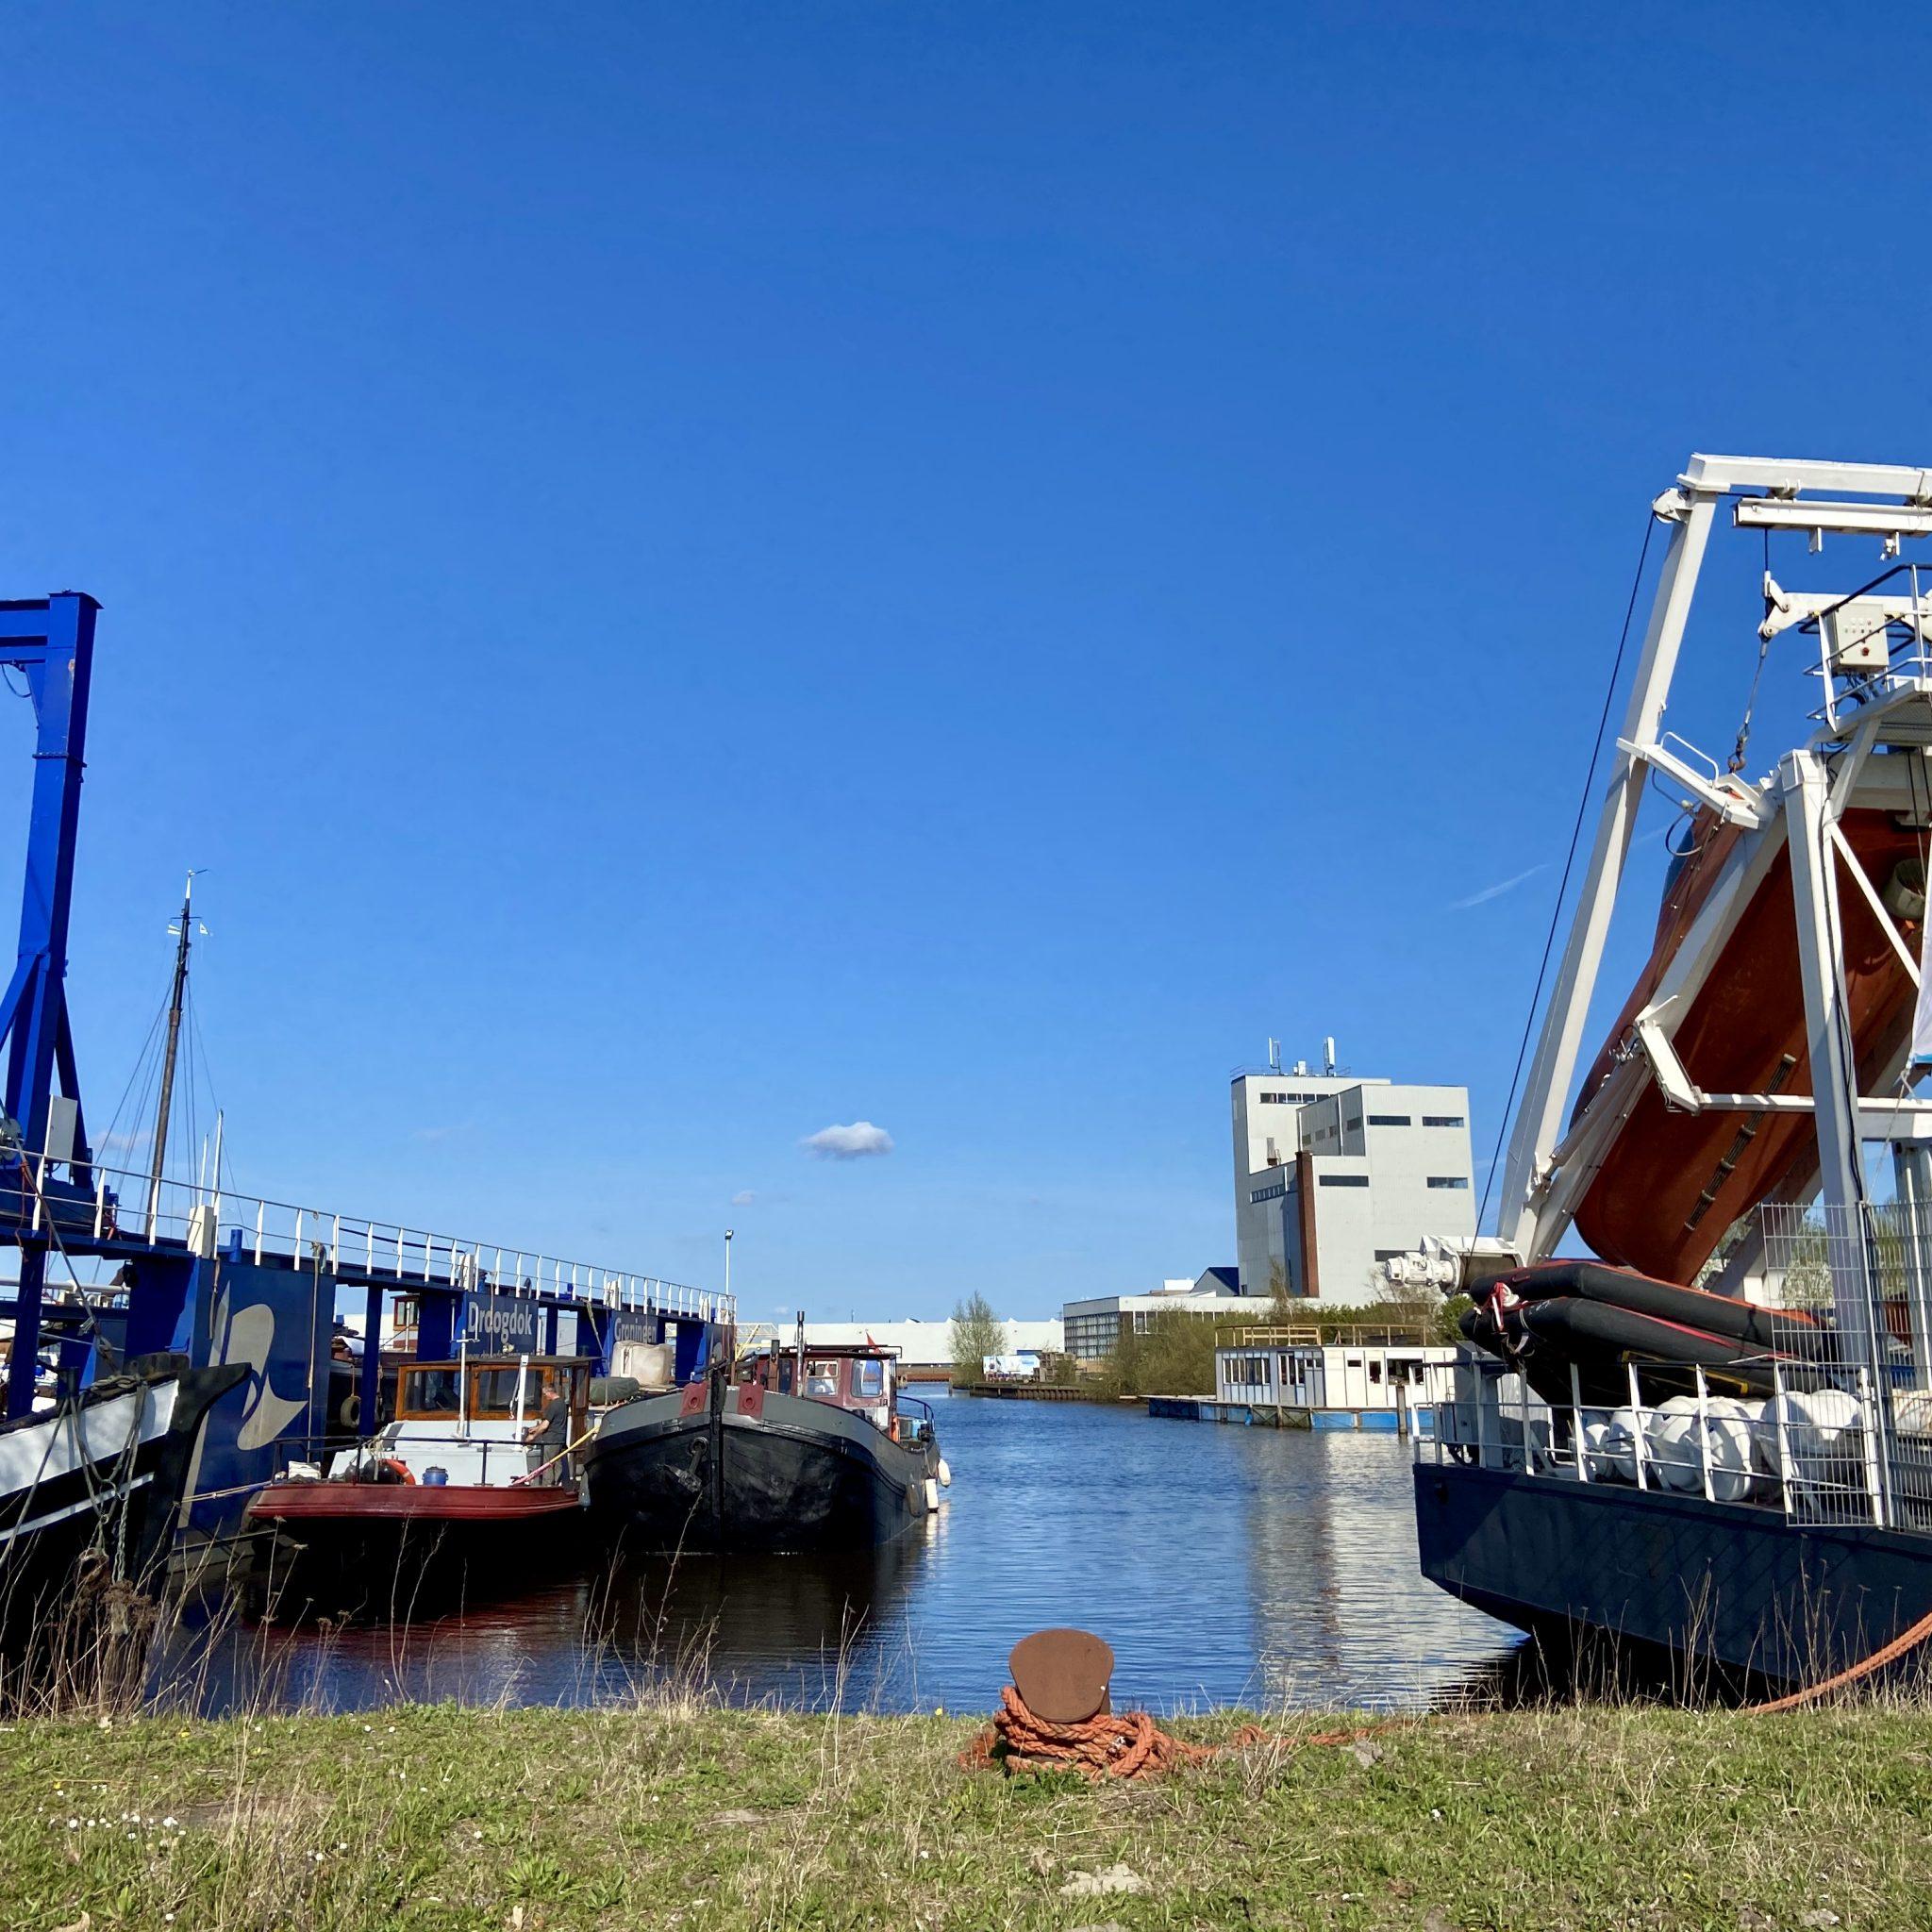 De Scandinavische havens herbergen tal van nautische bedrijven, waaronder een verschillende scheepswerven en een maritiem opleidingscentrum DRTC. (Foto's Loek Mulder)